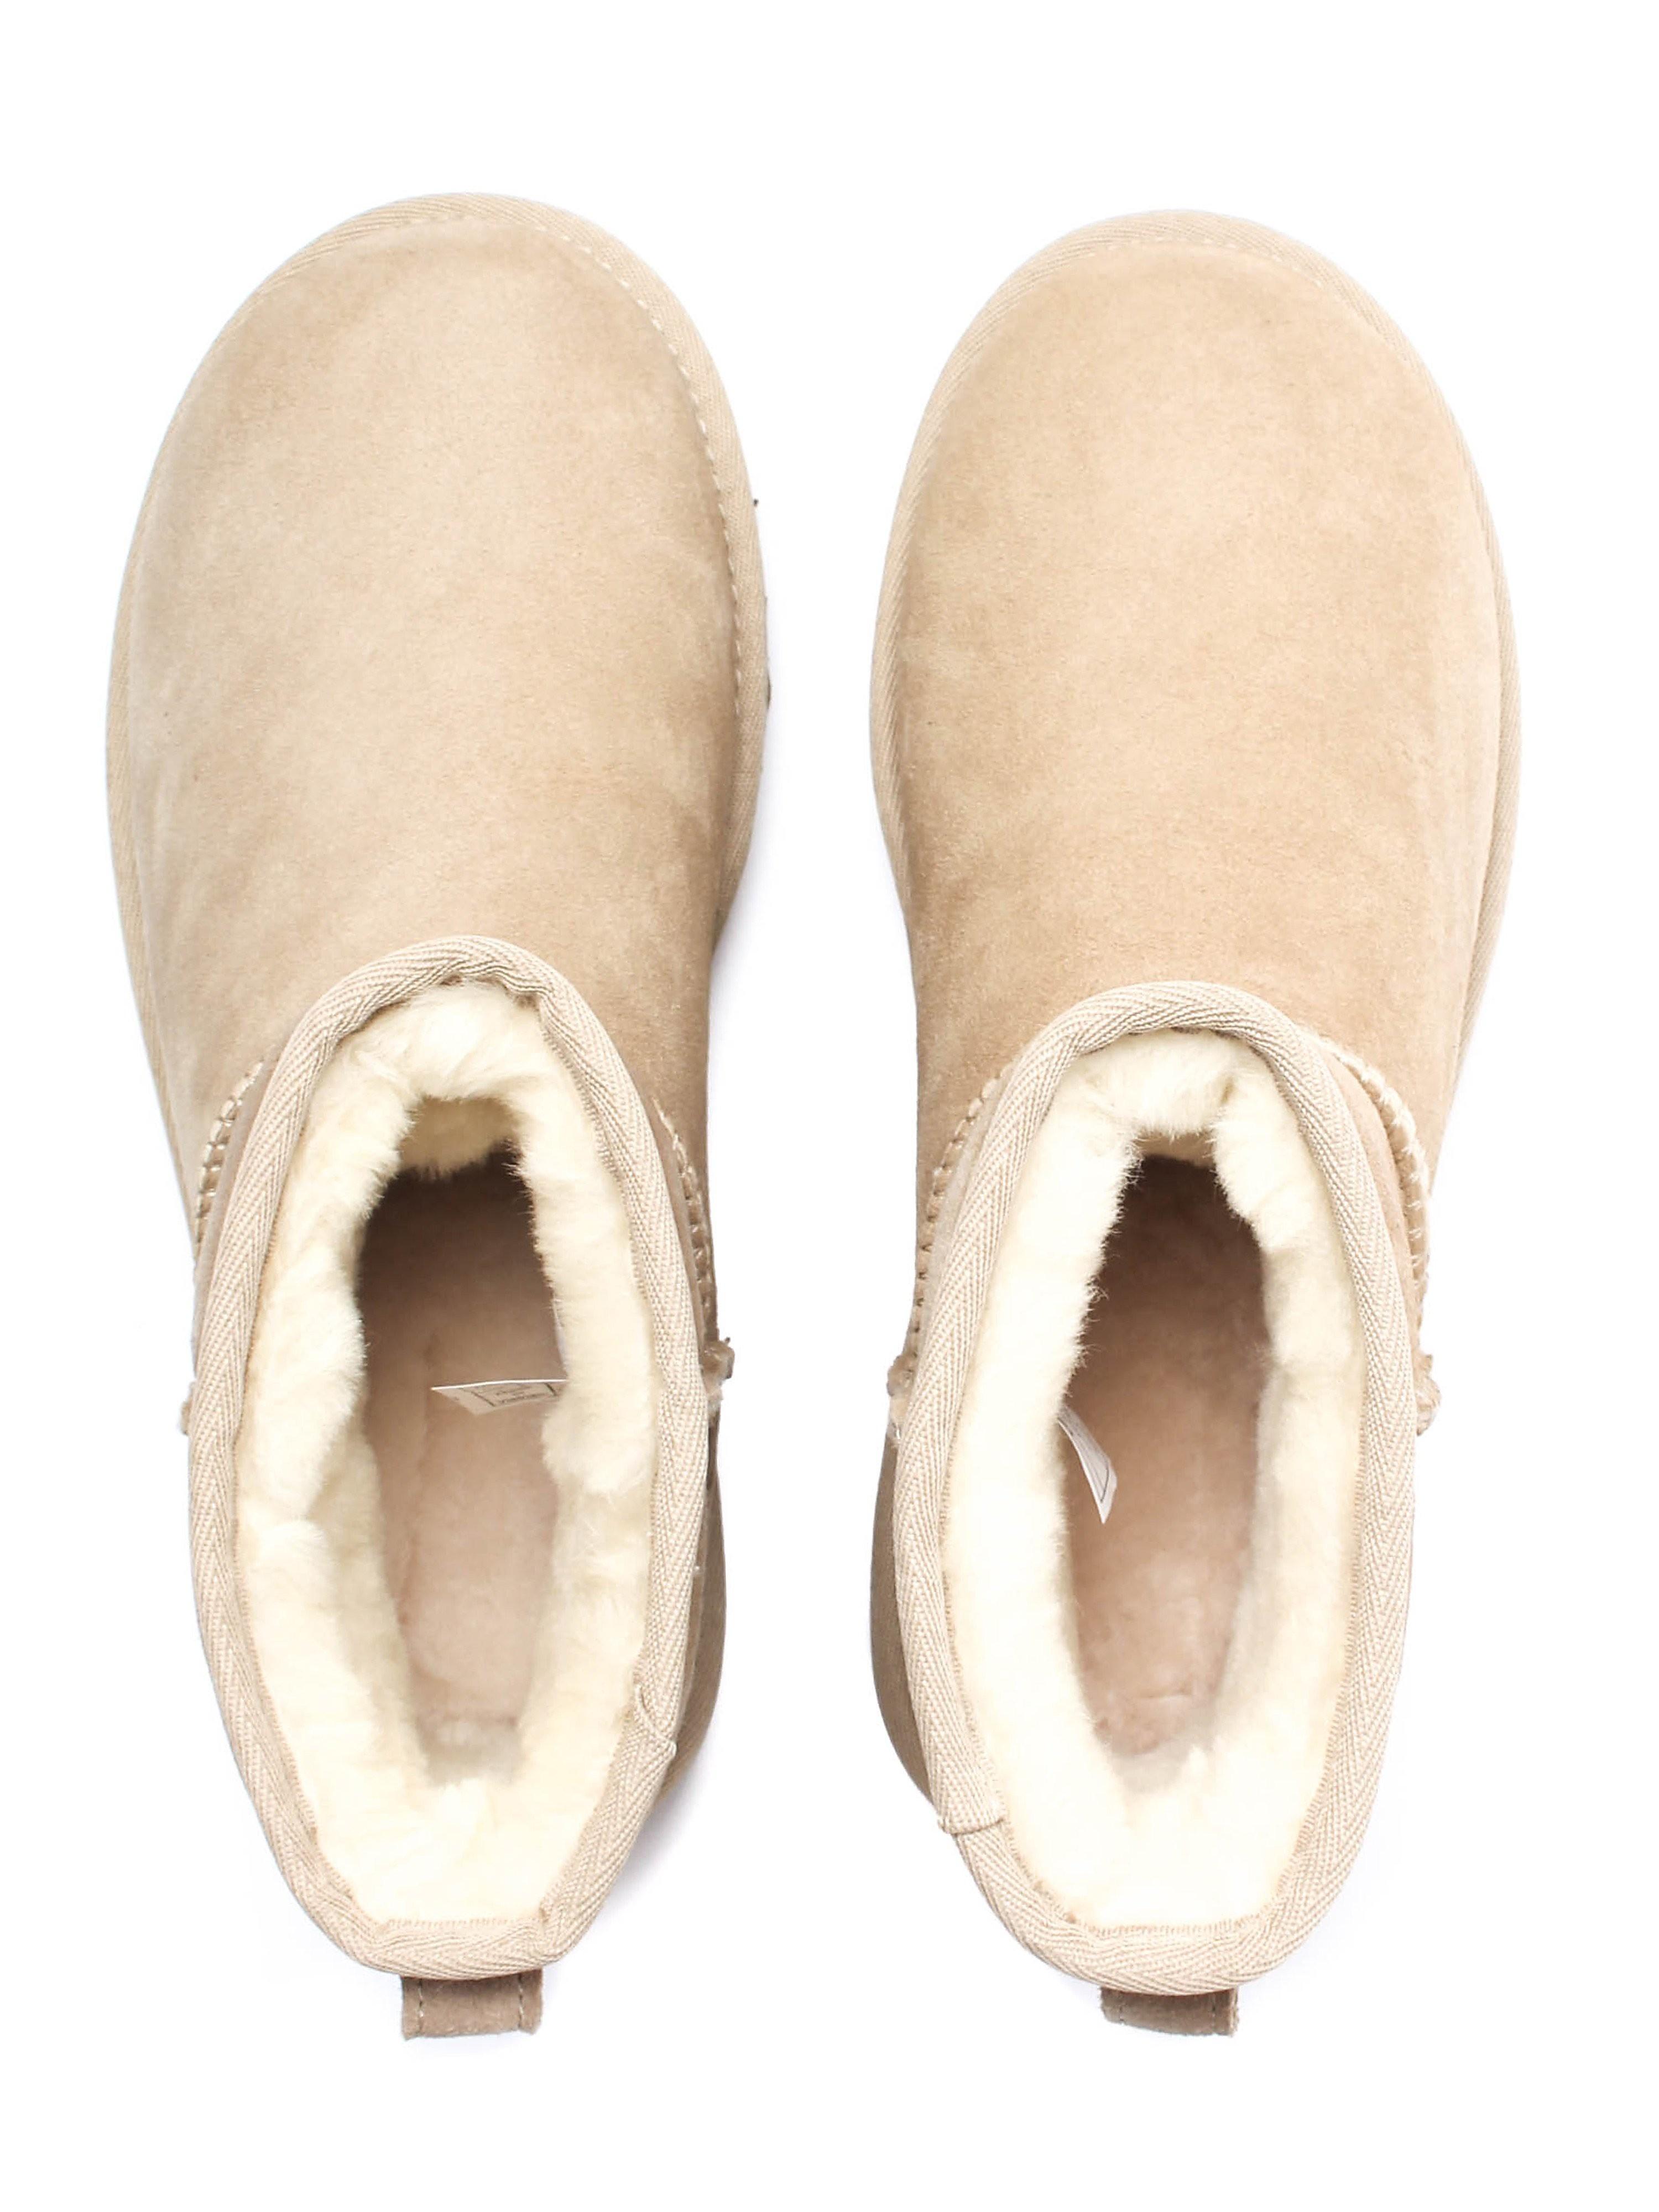 UGG Women's Classic Mini II Boots - Sand